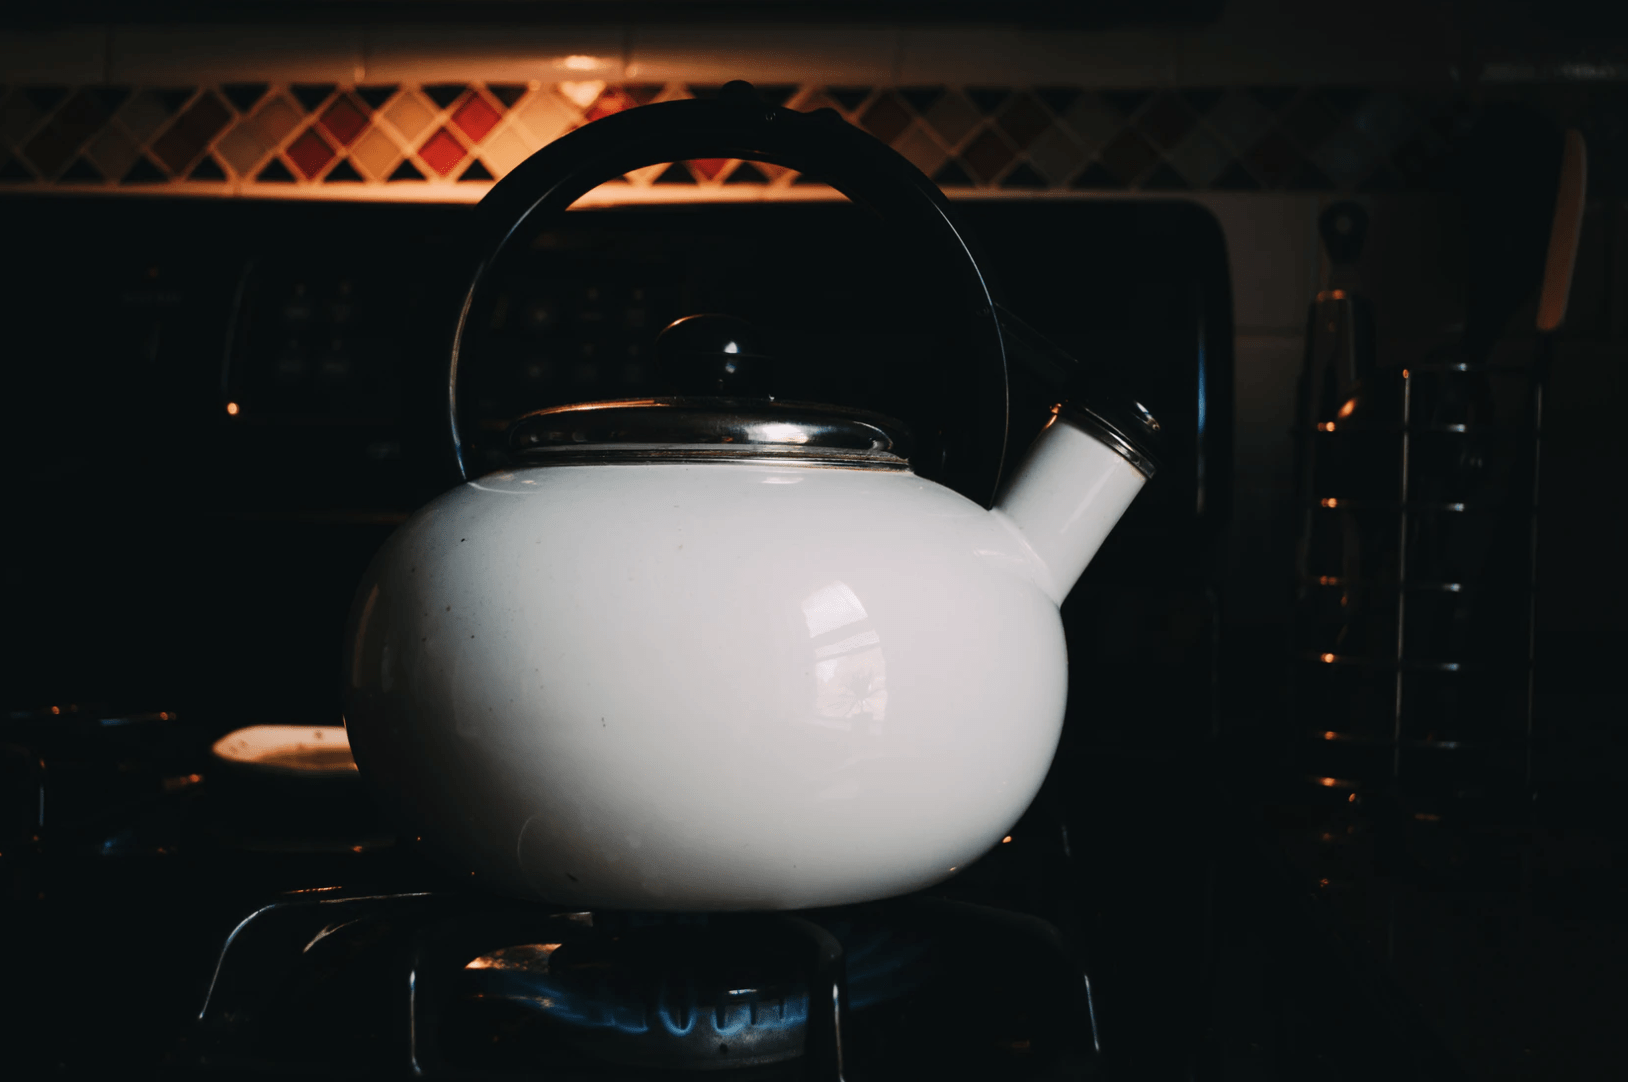 water in kettle pot